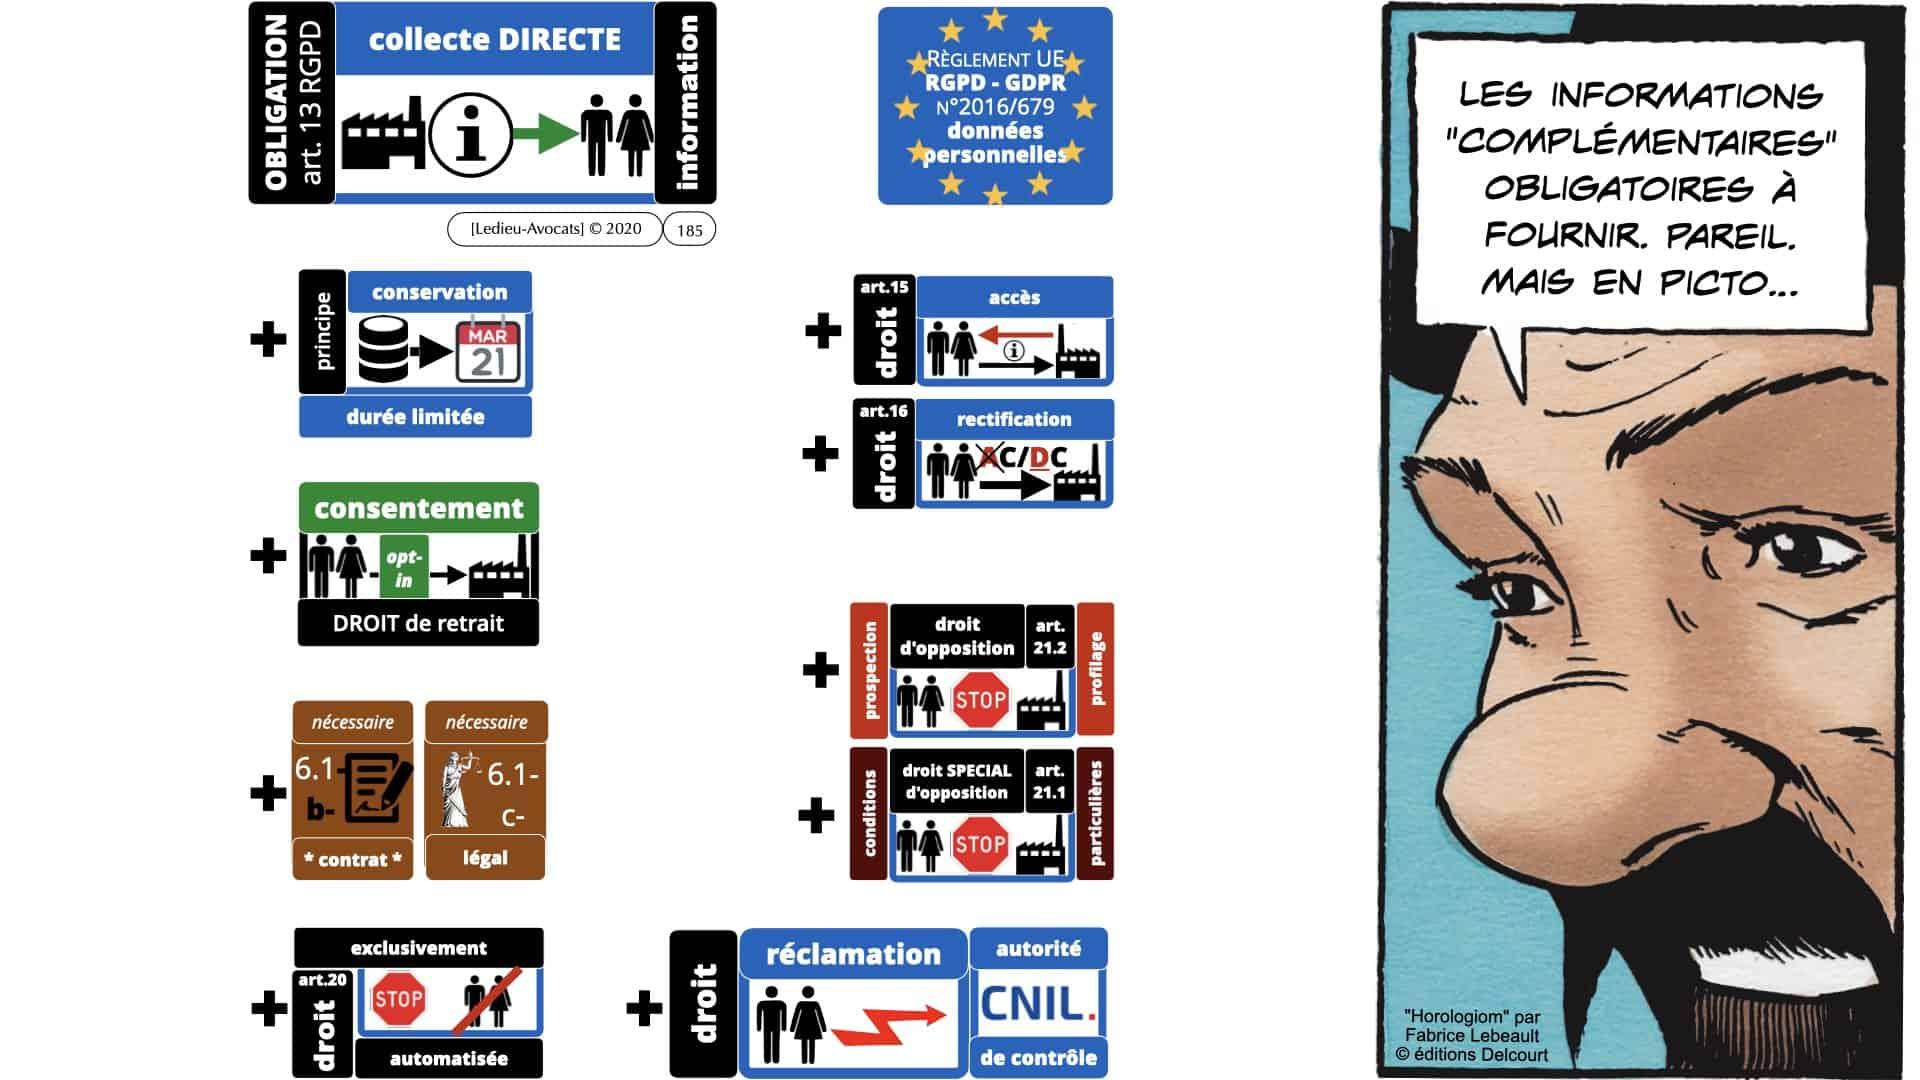 RGPD e-Privacy données personnelles jurisprudence formation Lamy Les Echos 10-02-2021 ©Ledieu-Avocats.185